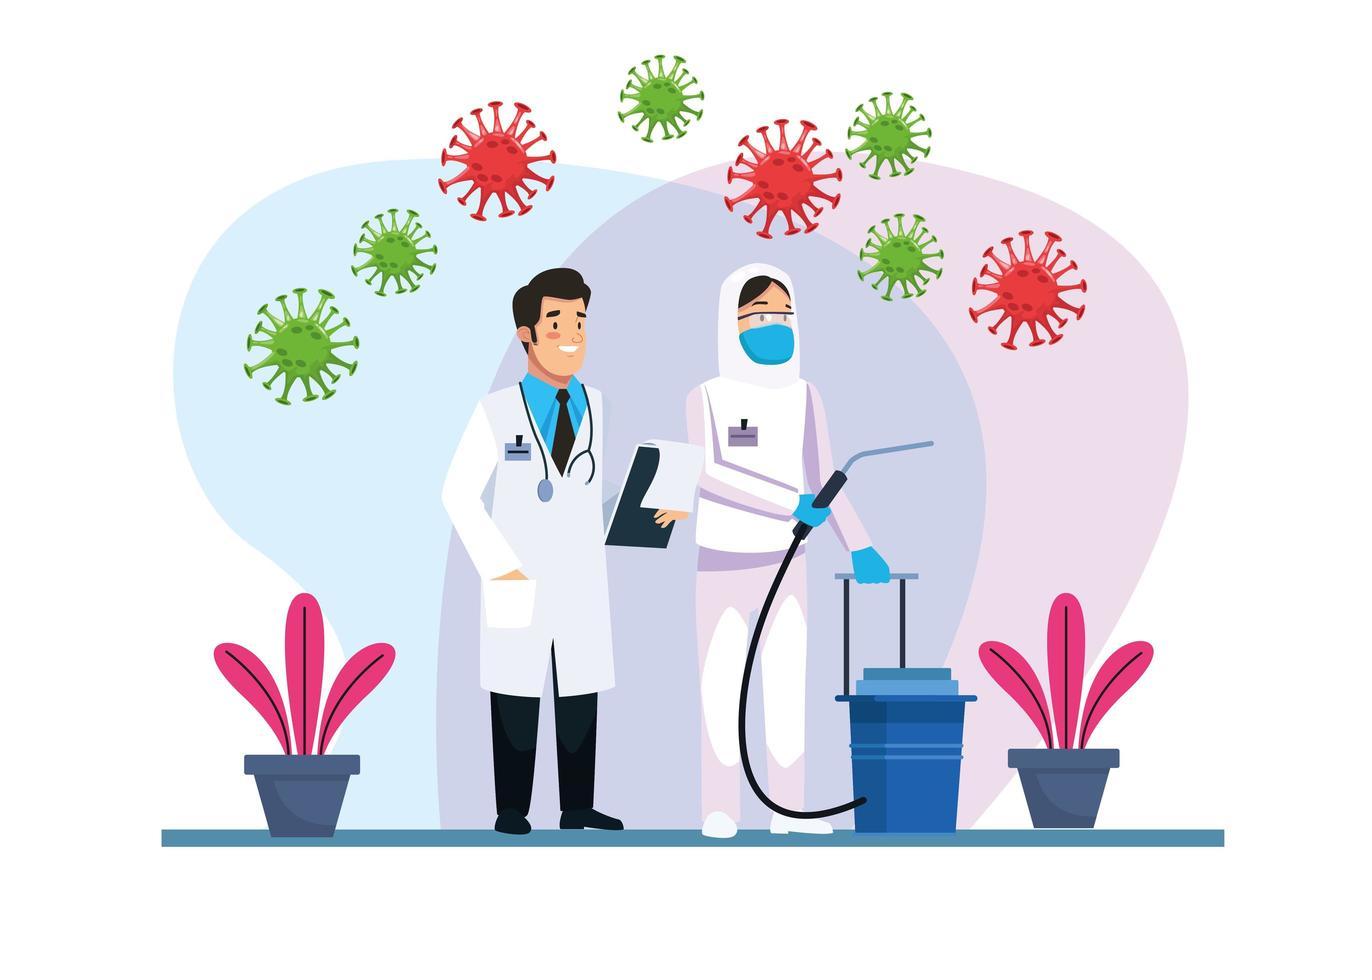 médico y persona de limpieza de riesgo biológico vector